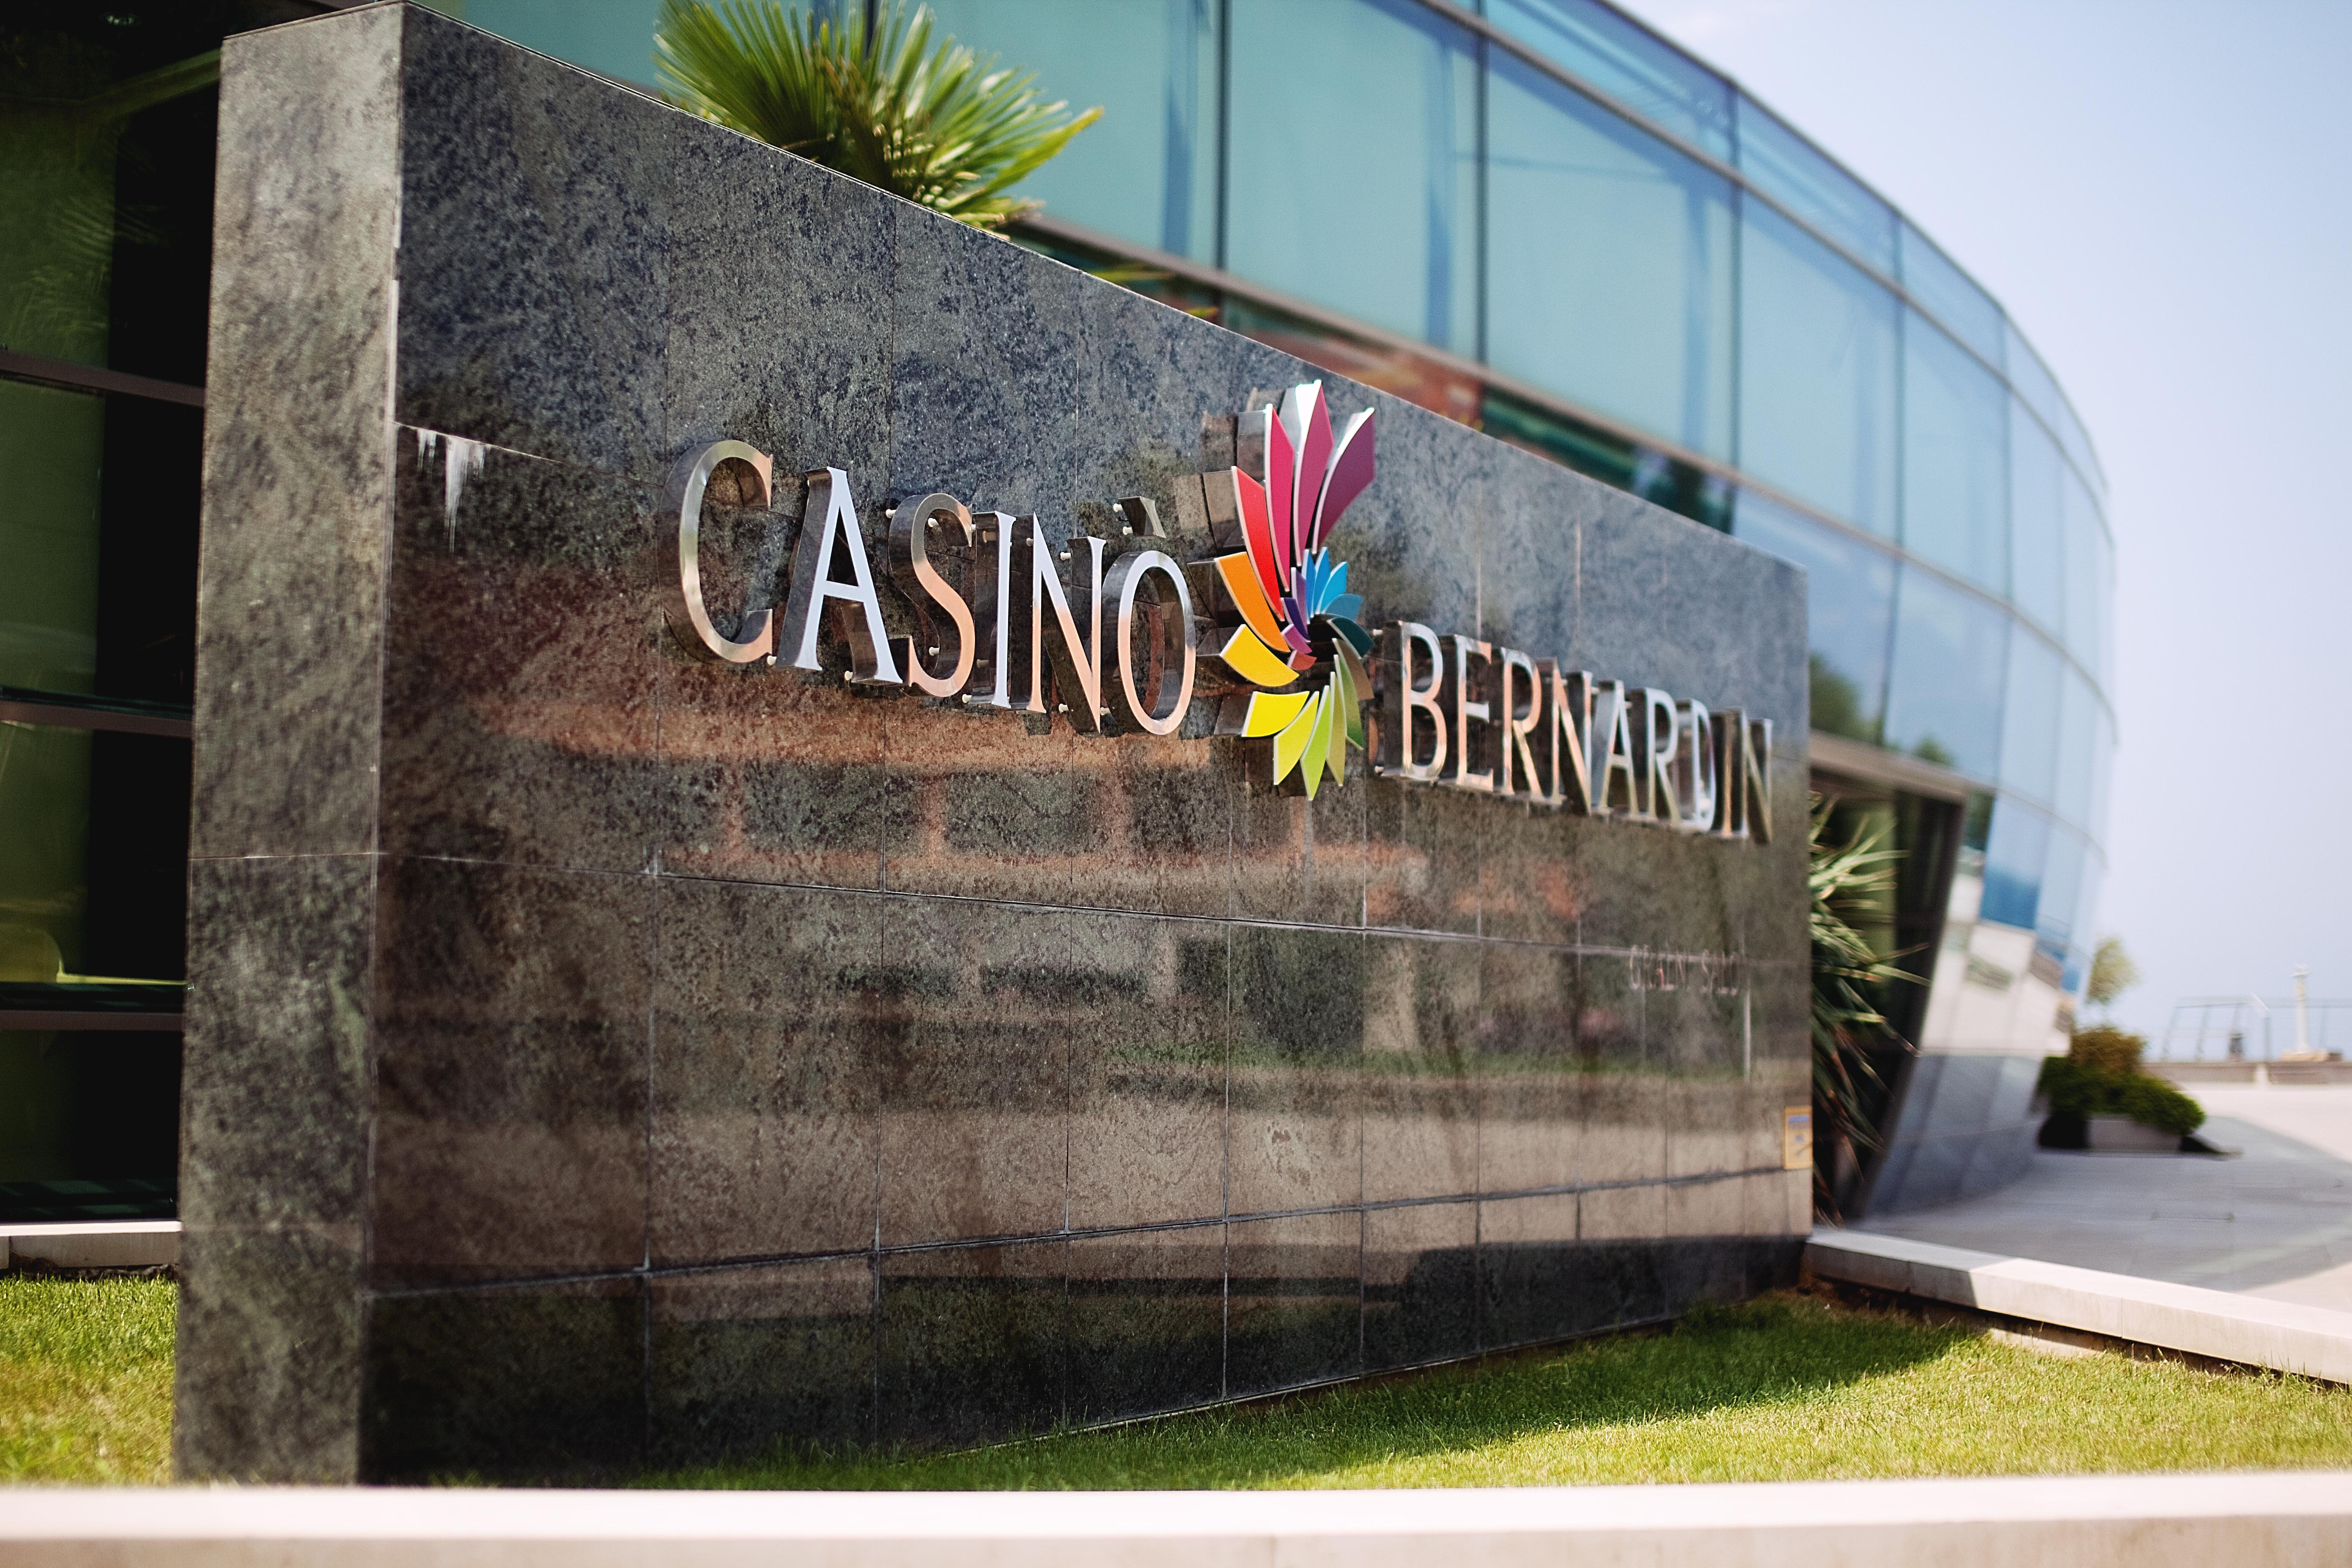 Casino_Bernardin_-_entrance.jpg